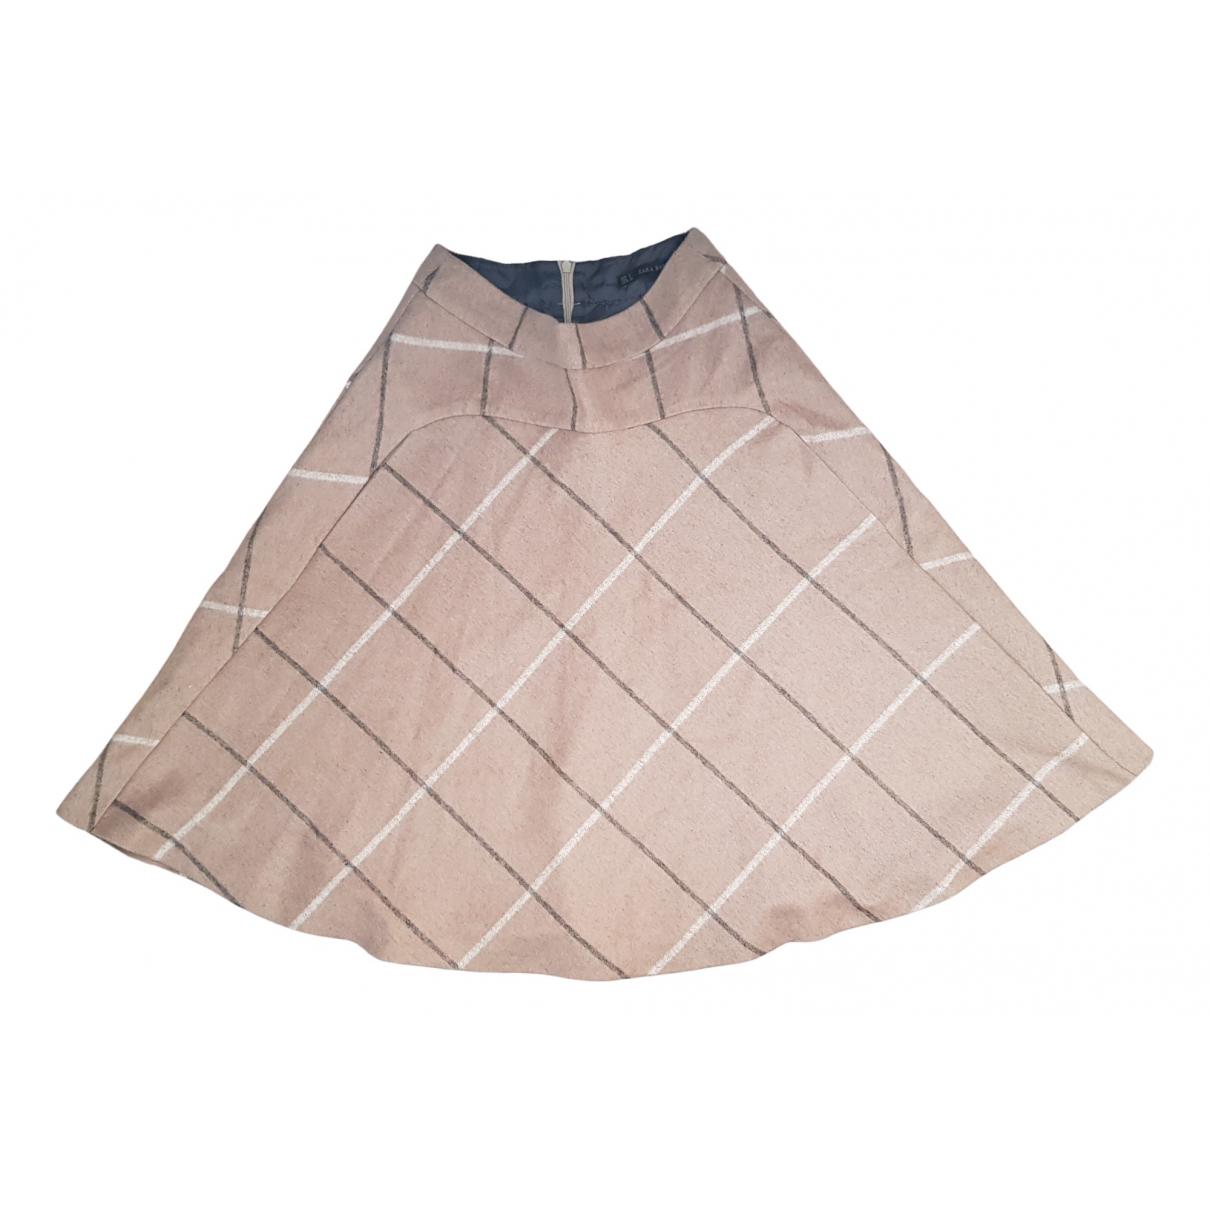 Zara \N Beige Wool  top for Women S International